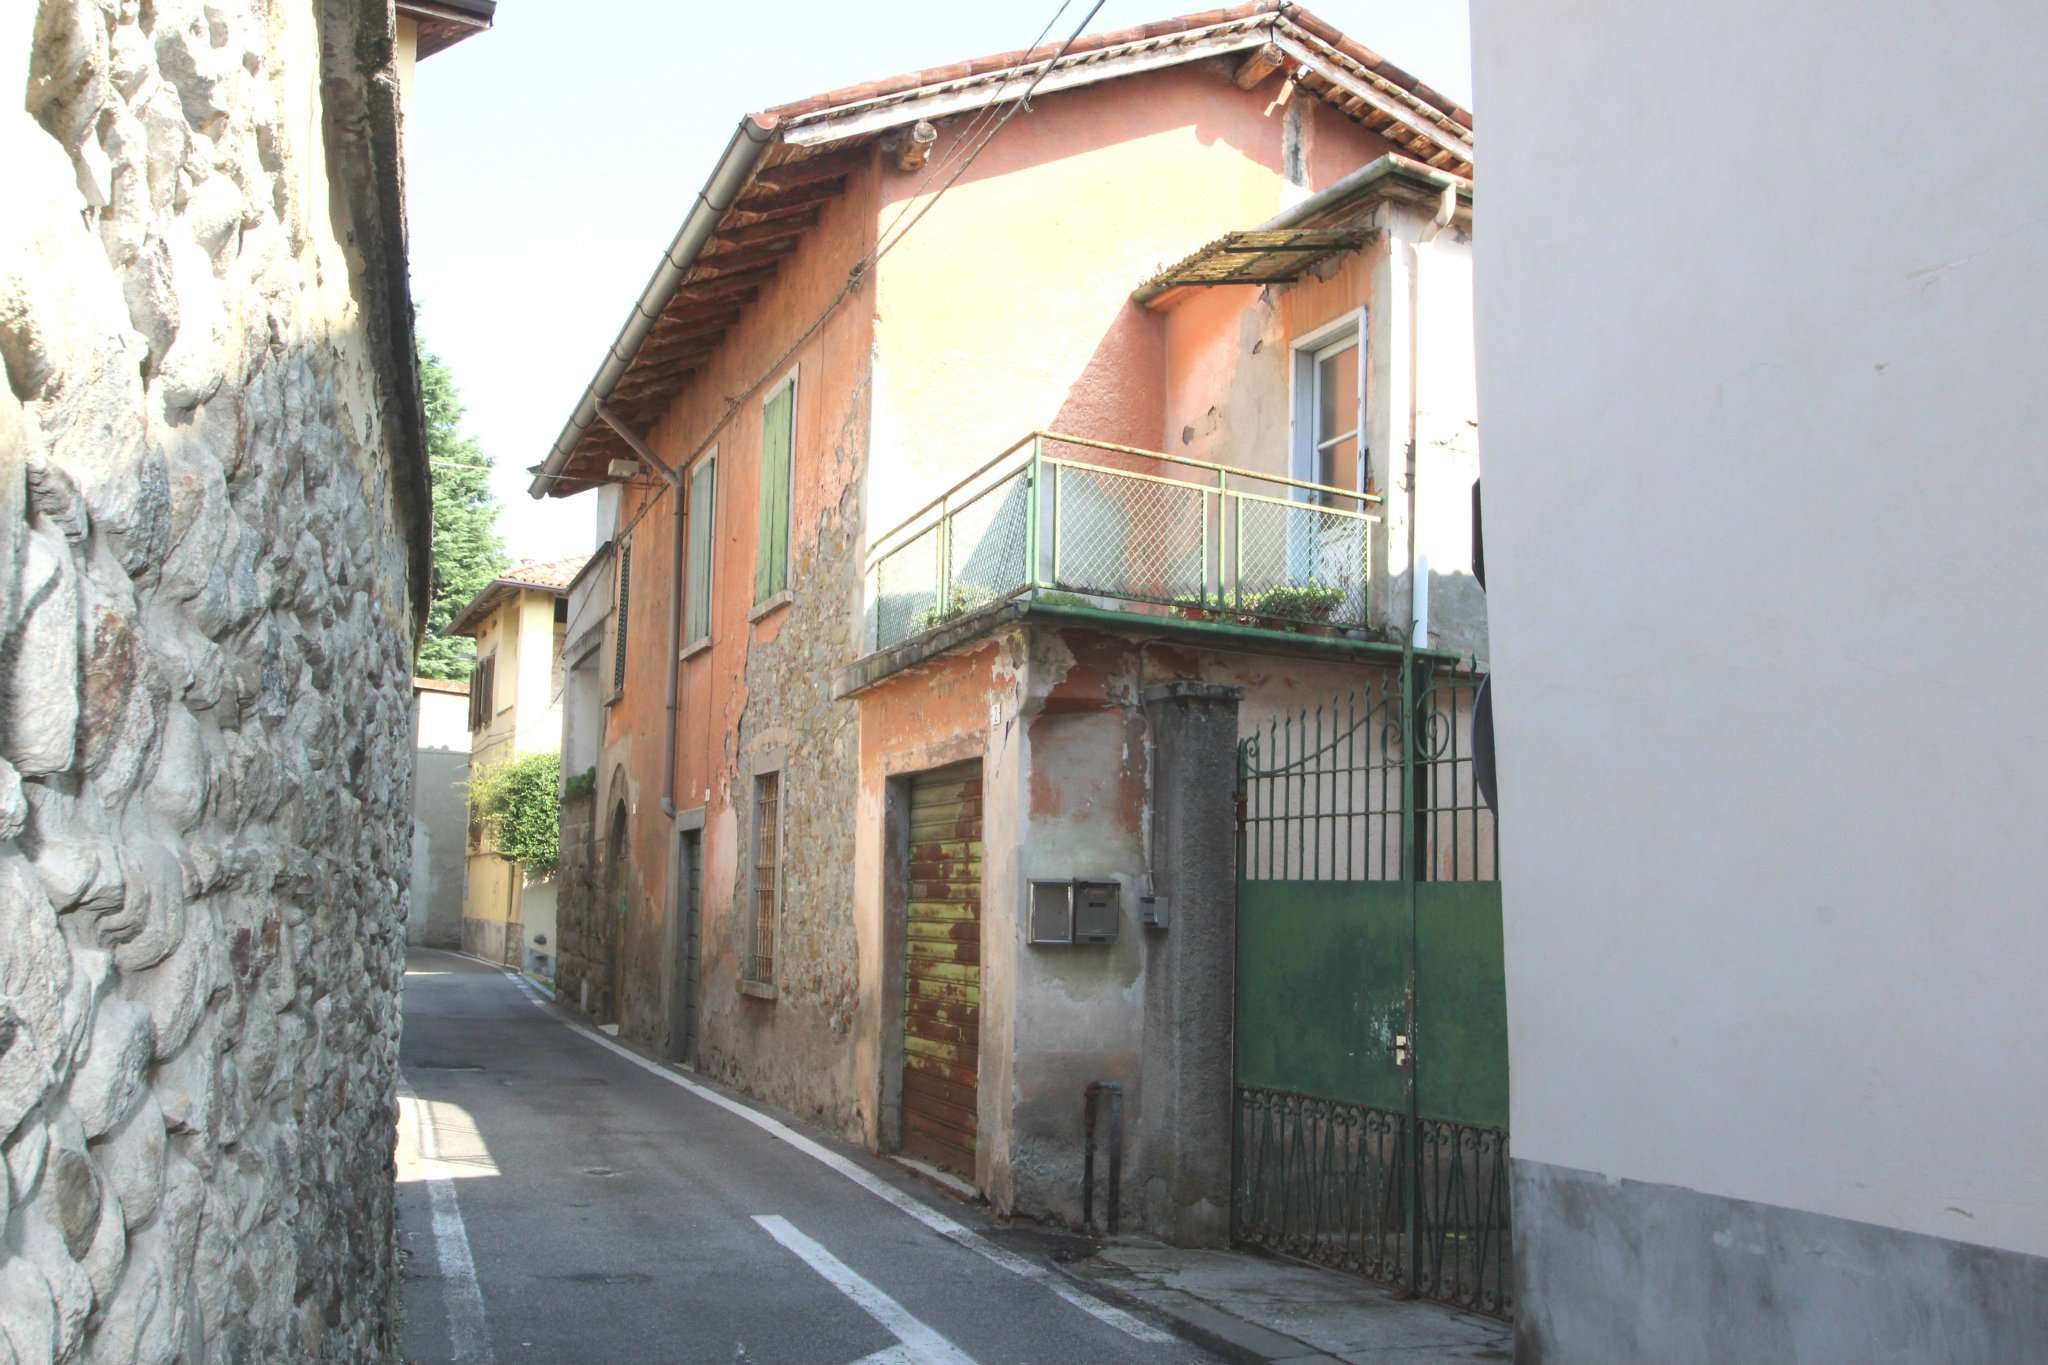 Appartamento in vendita a Mapello, 3 locali, prezzo € 50.000 | CambioCasa.it